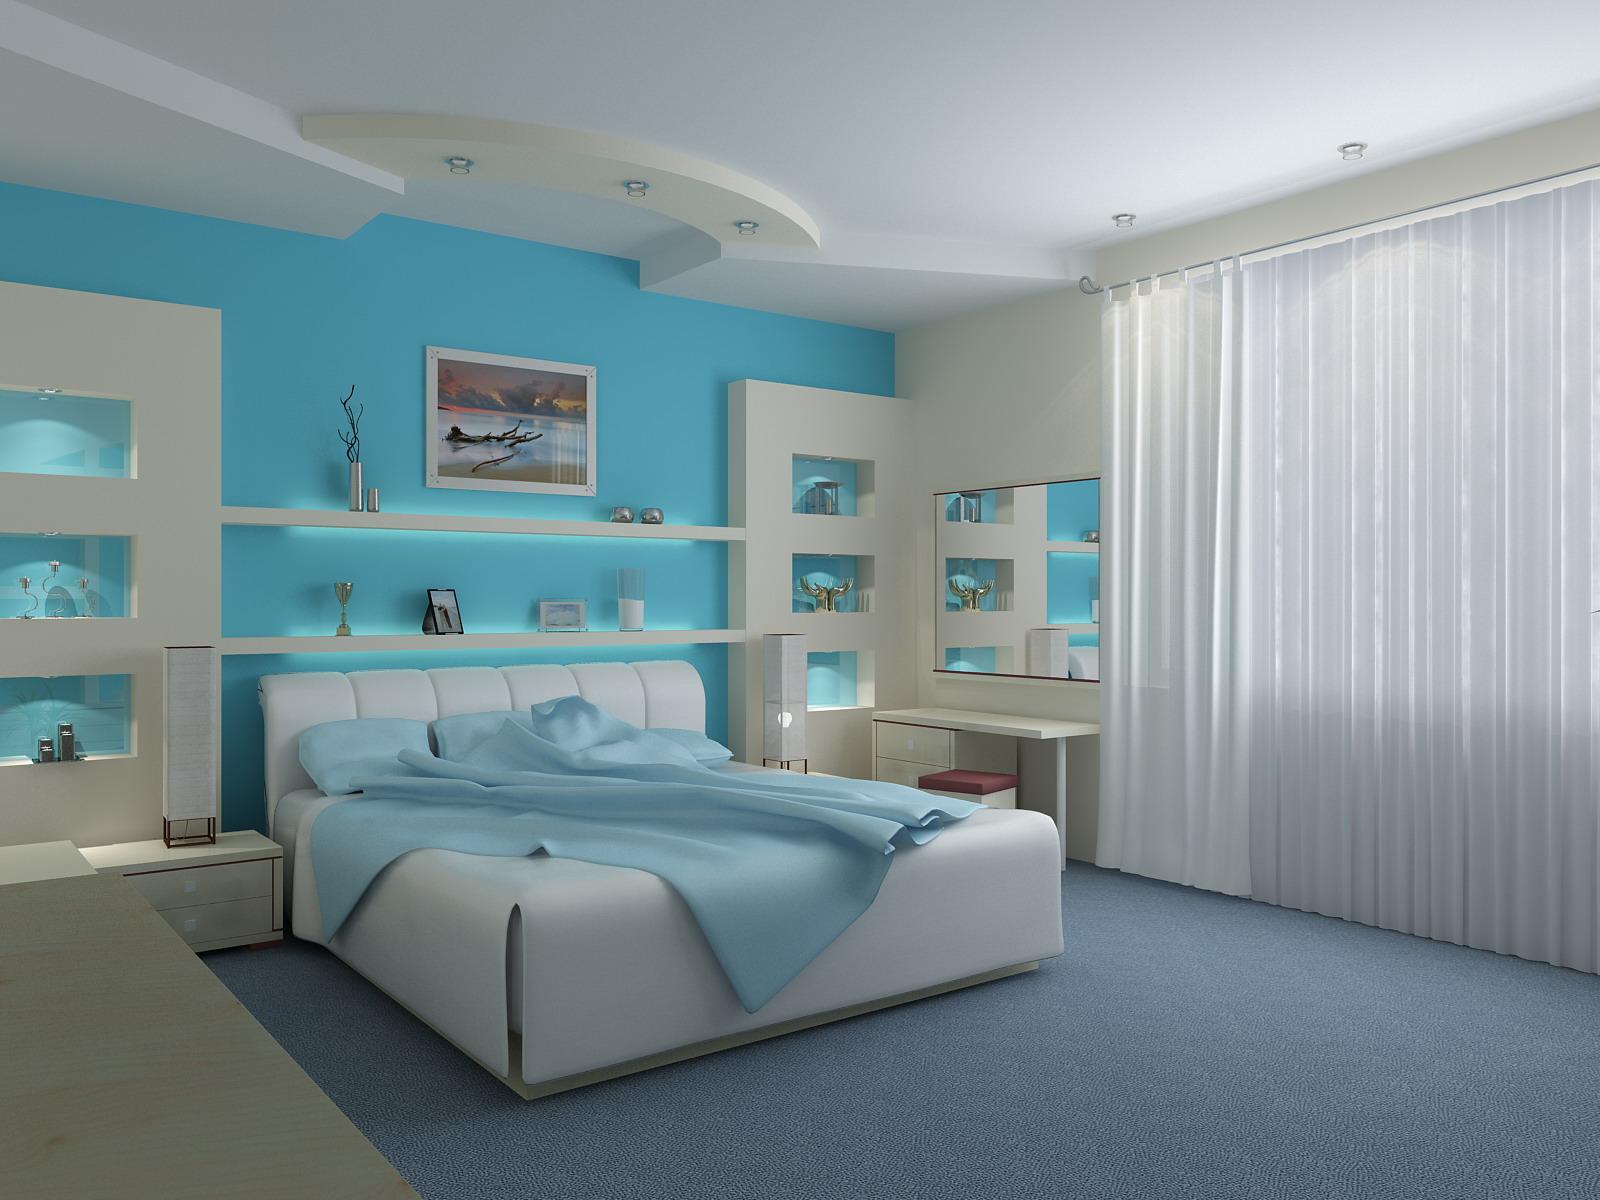 Home Interior Design & Decor: Amazing Bedrooms on Amazing Bedroom  id=22644